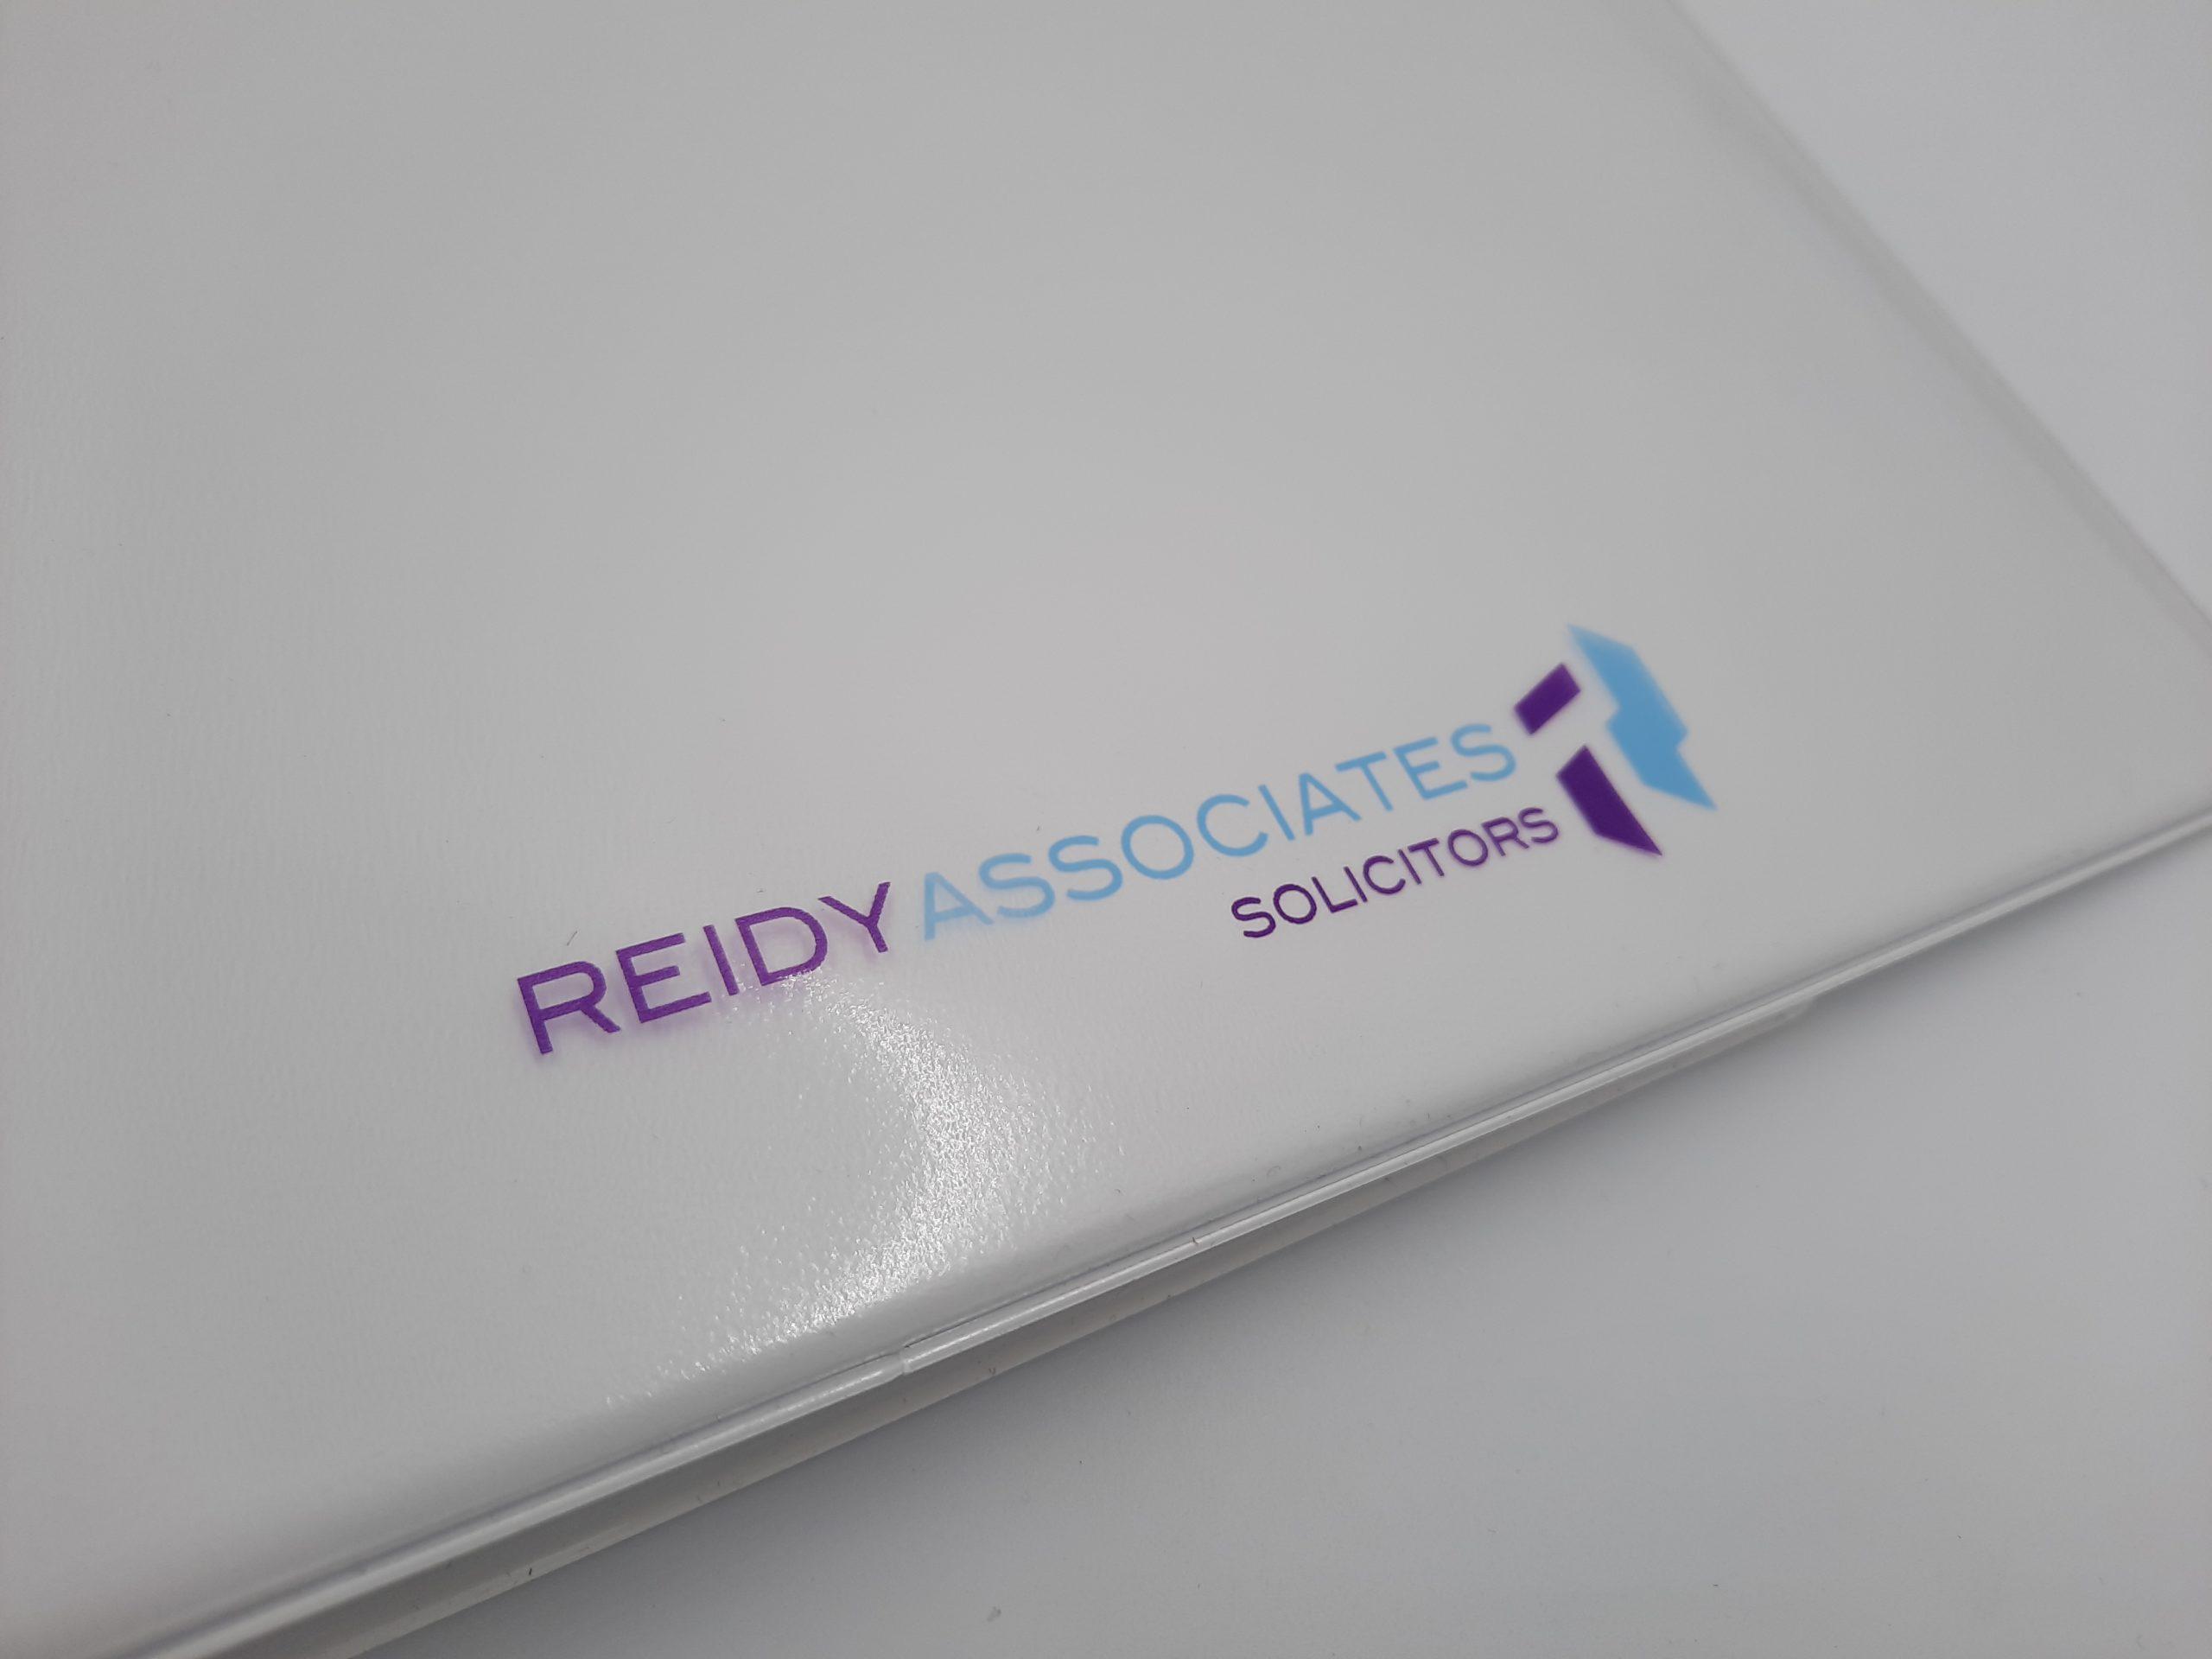 solicitors logo on folder